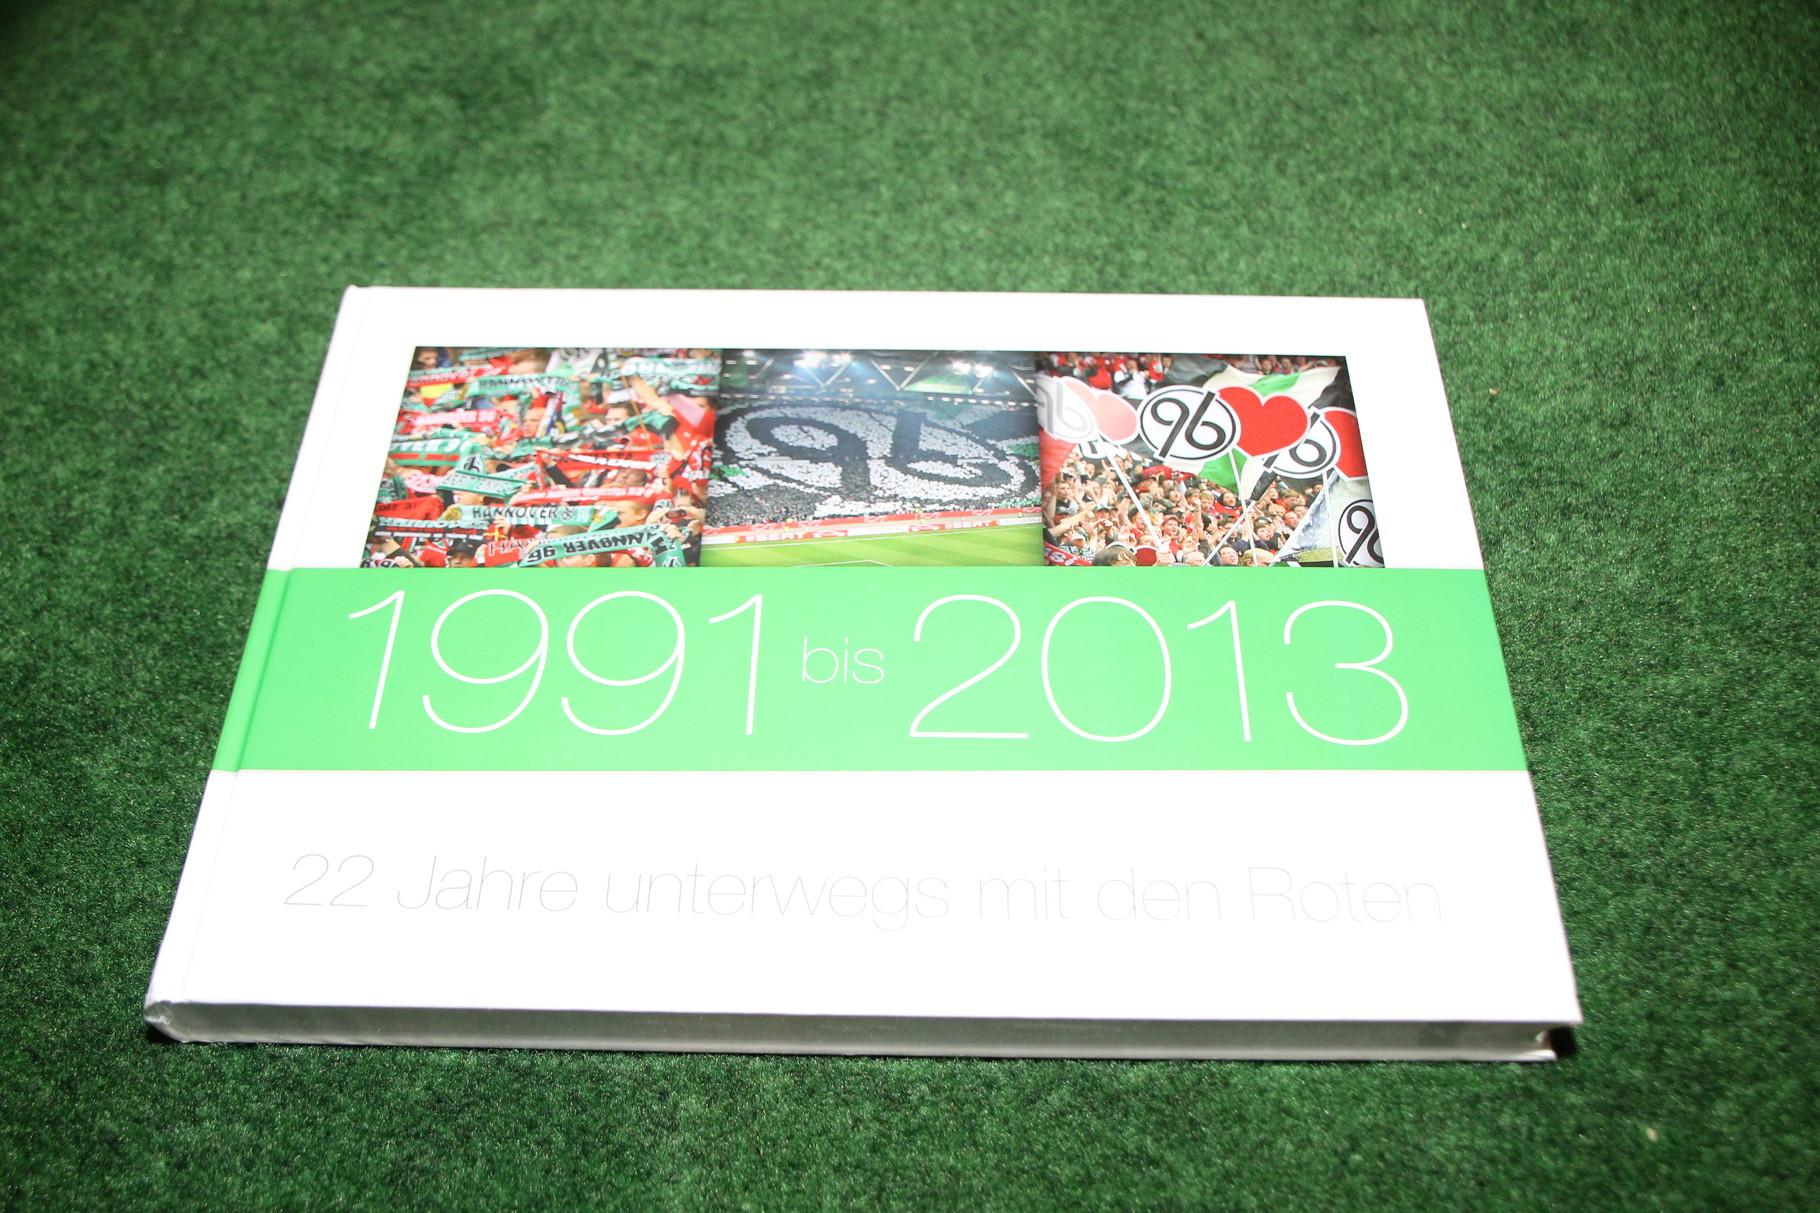 1991 bis 2013 22 Jahre unterwegs mit den Roten.